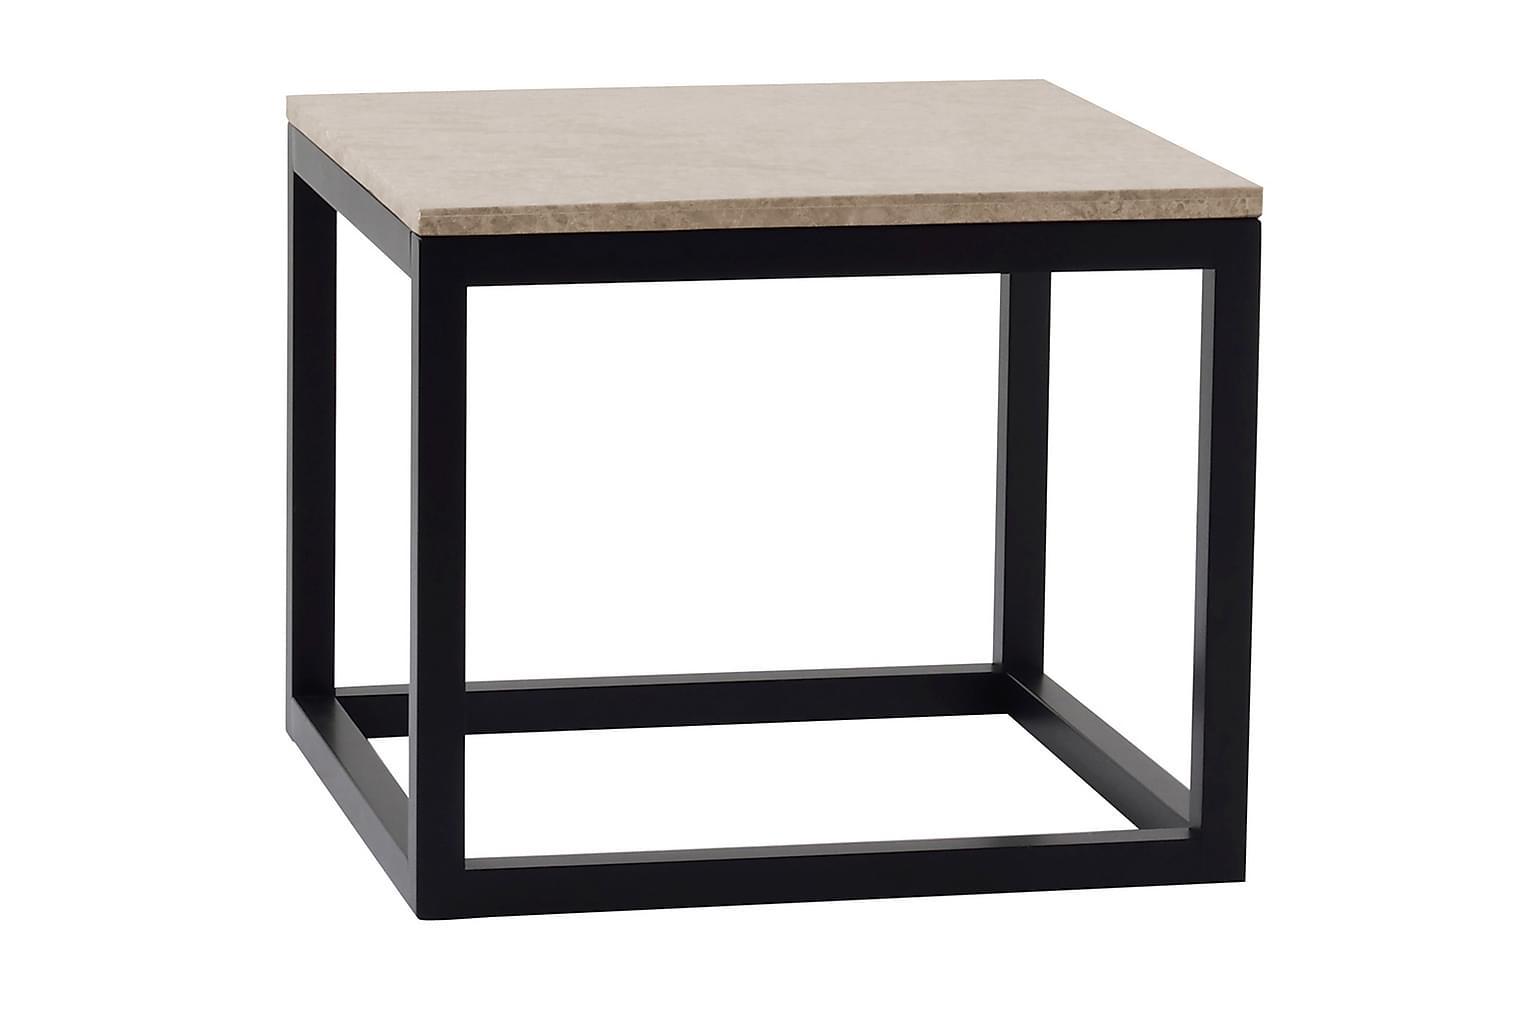 ADELAINE Sivupöytä 50 Hiekka/Musta